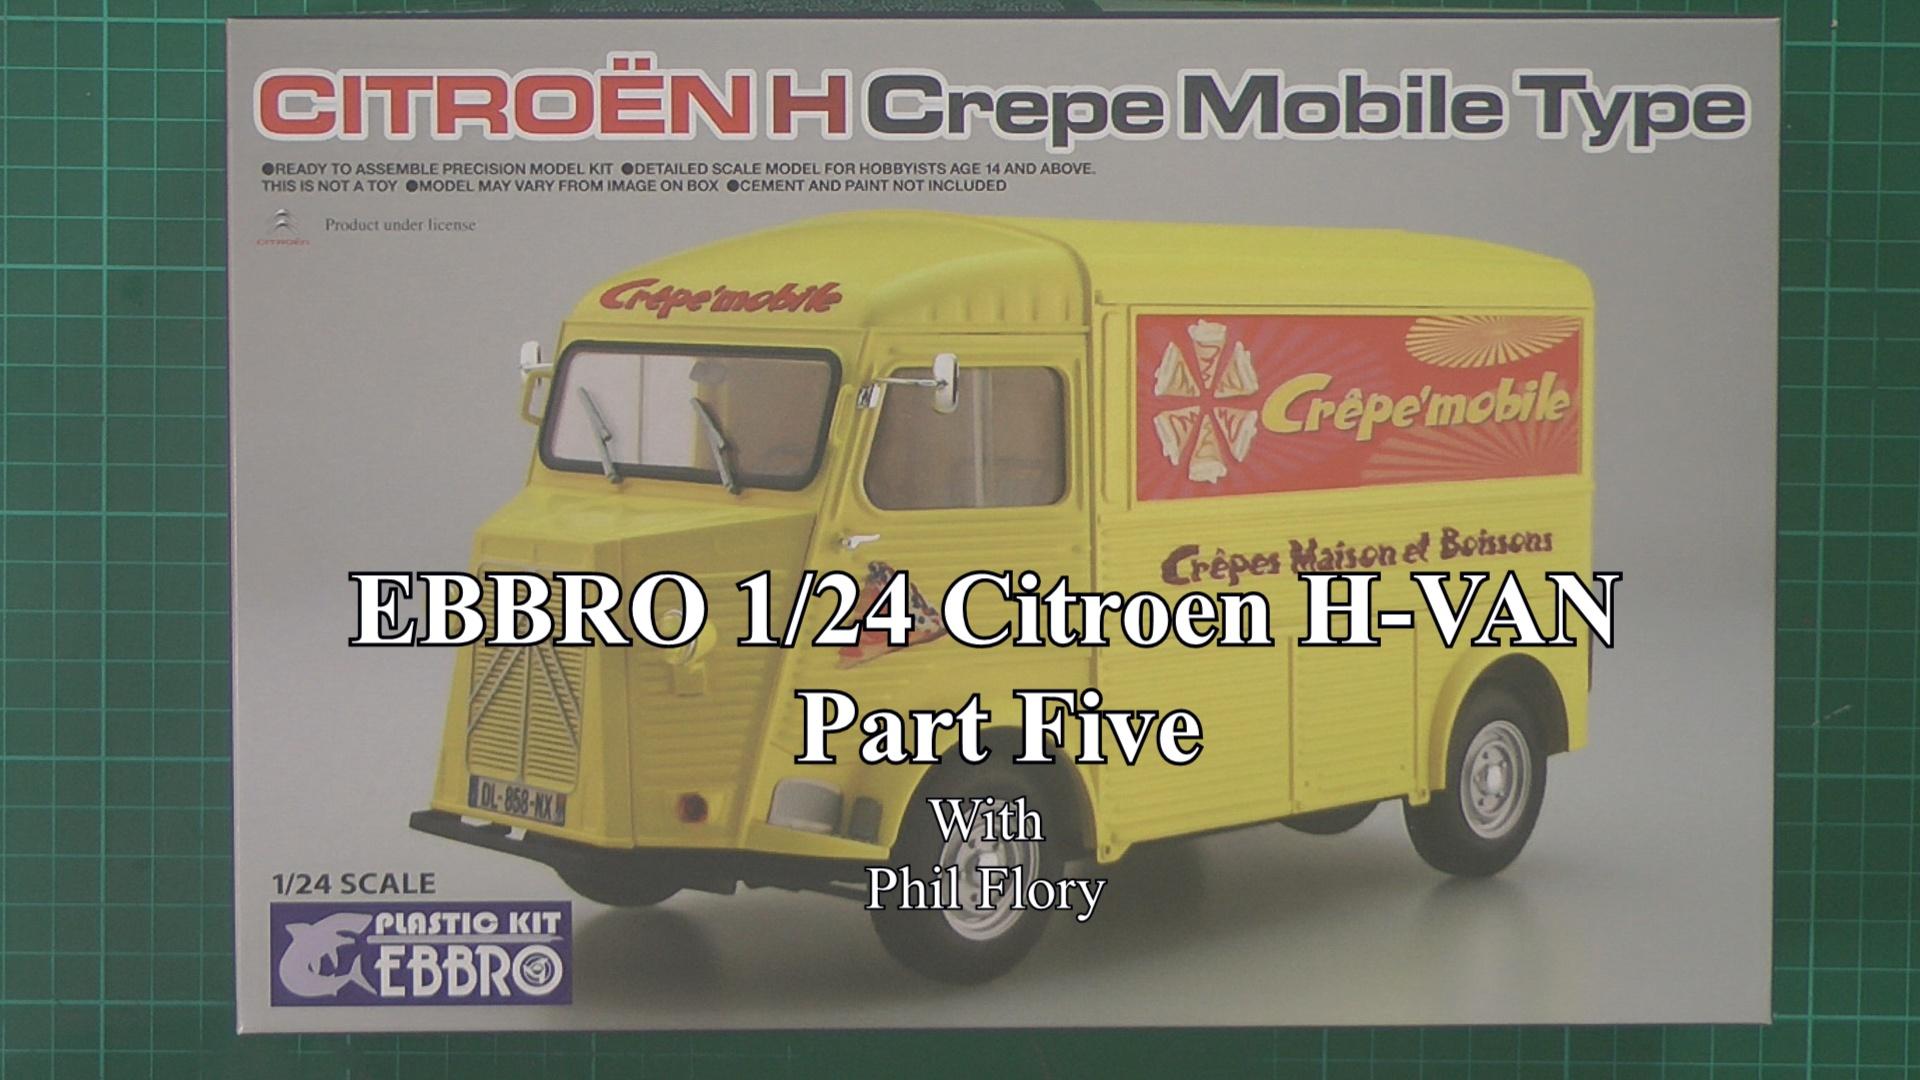 EBBRO Citroen H-VAN Part 5.jpg